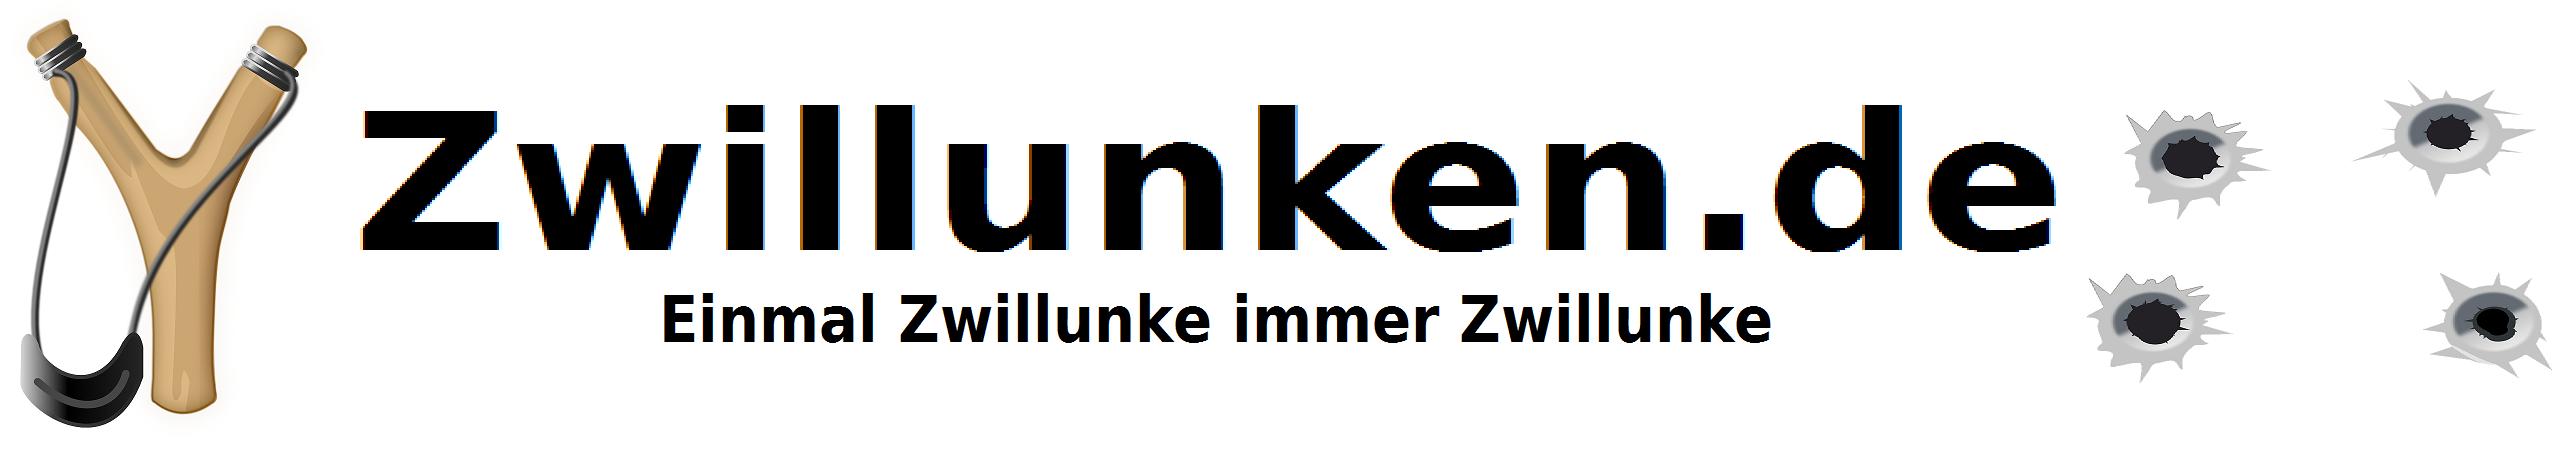 www.Zwillunken.de